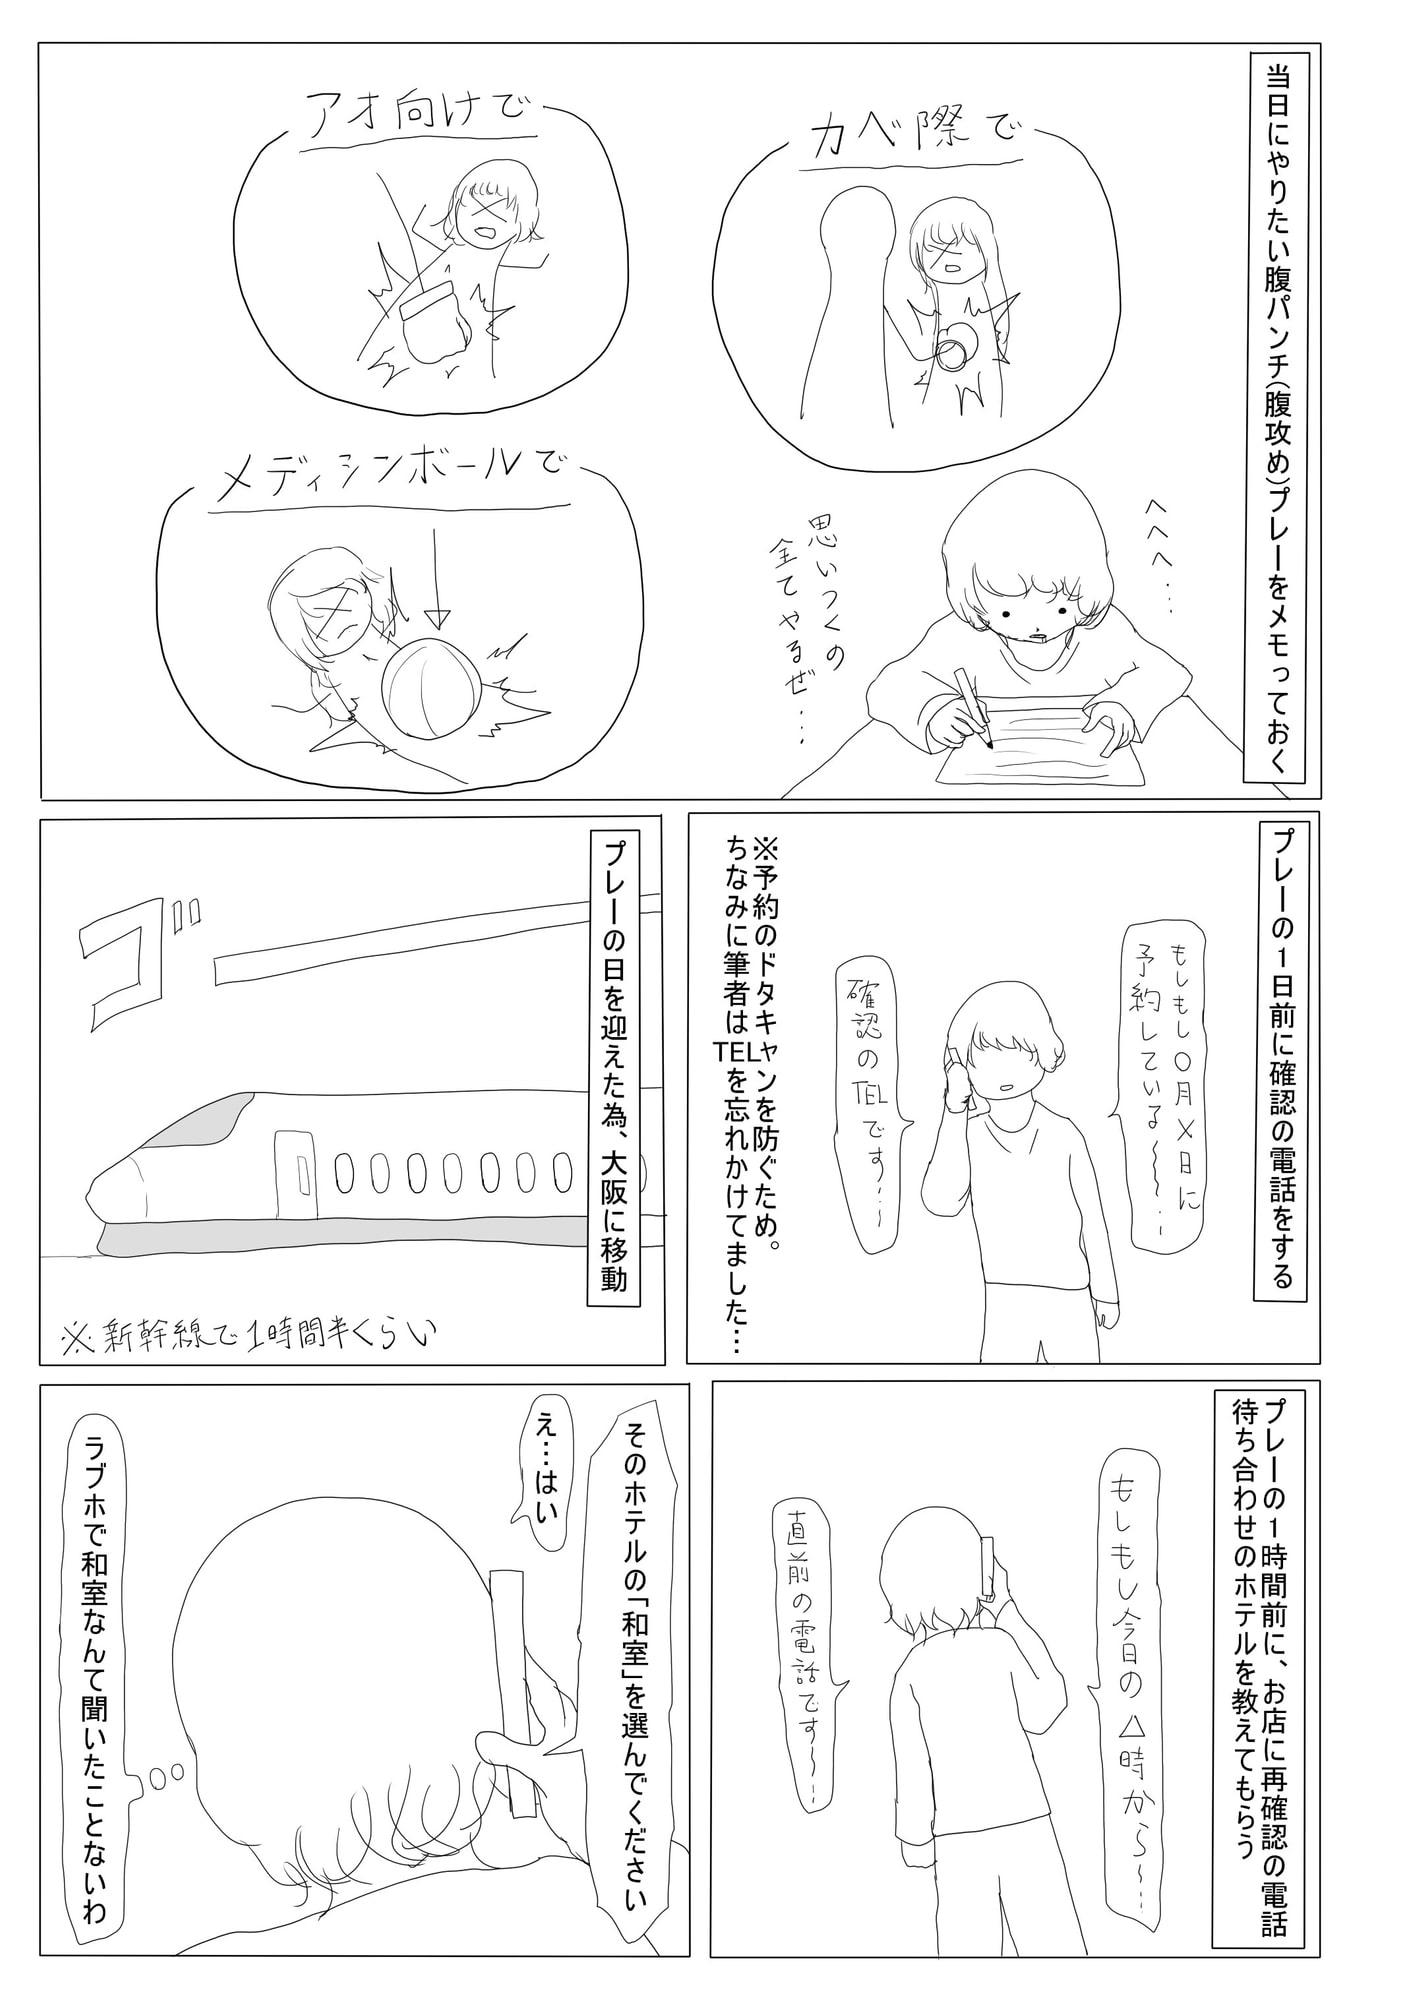 腹パンチ系風俗 レポート漫画